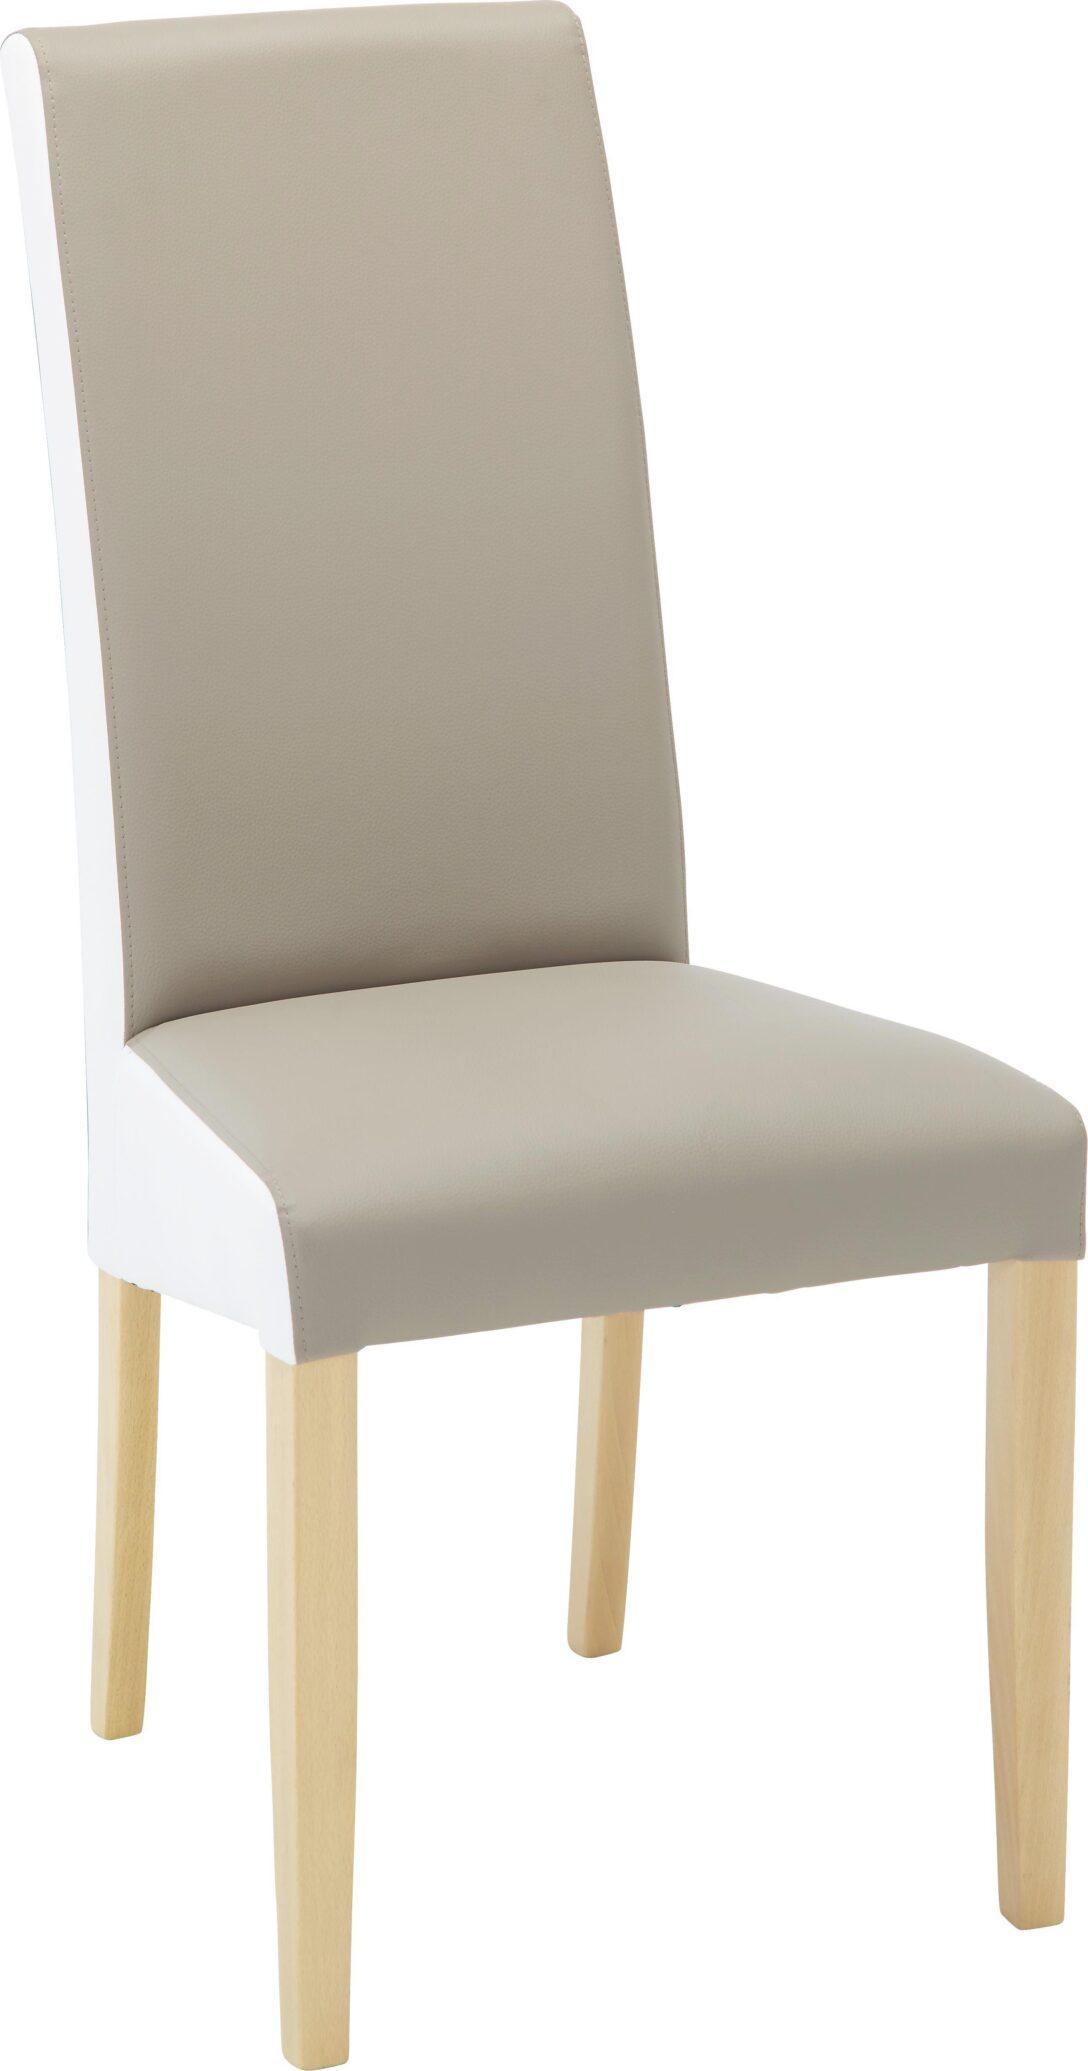 Large Size of Stuhl In Schlammfarben Online Kaufen Mmax Wohnzimmer Eckbankgruppe Mömax